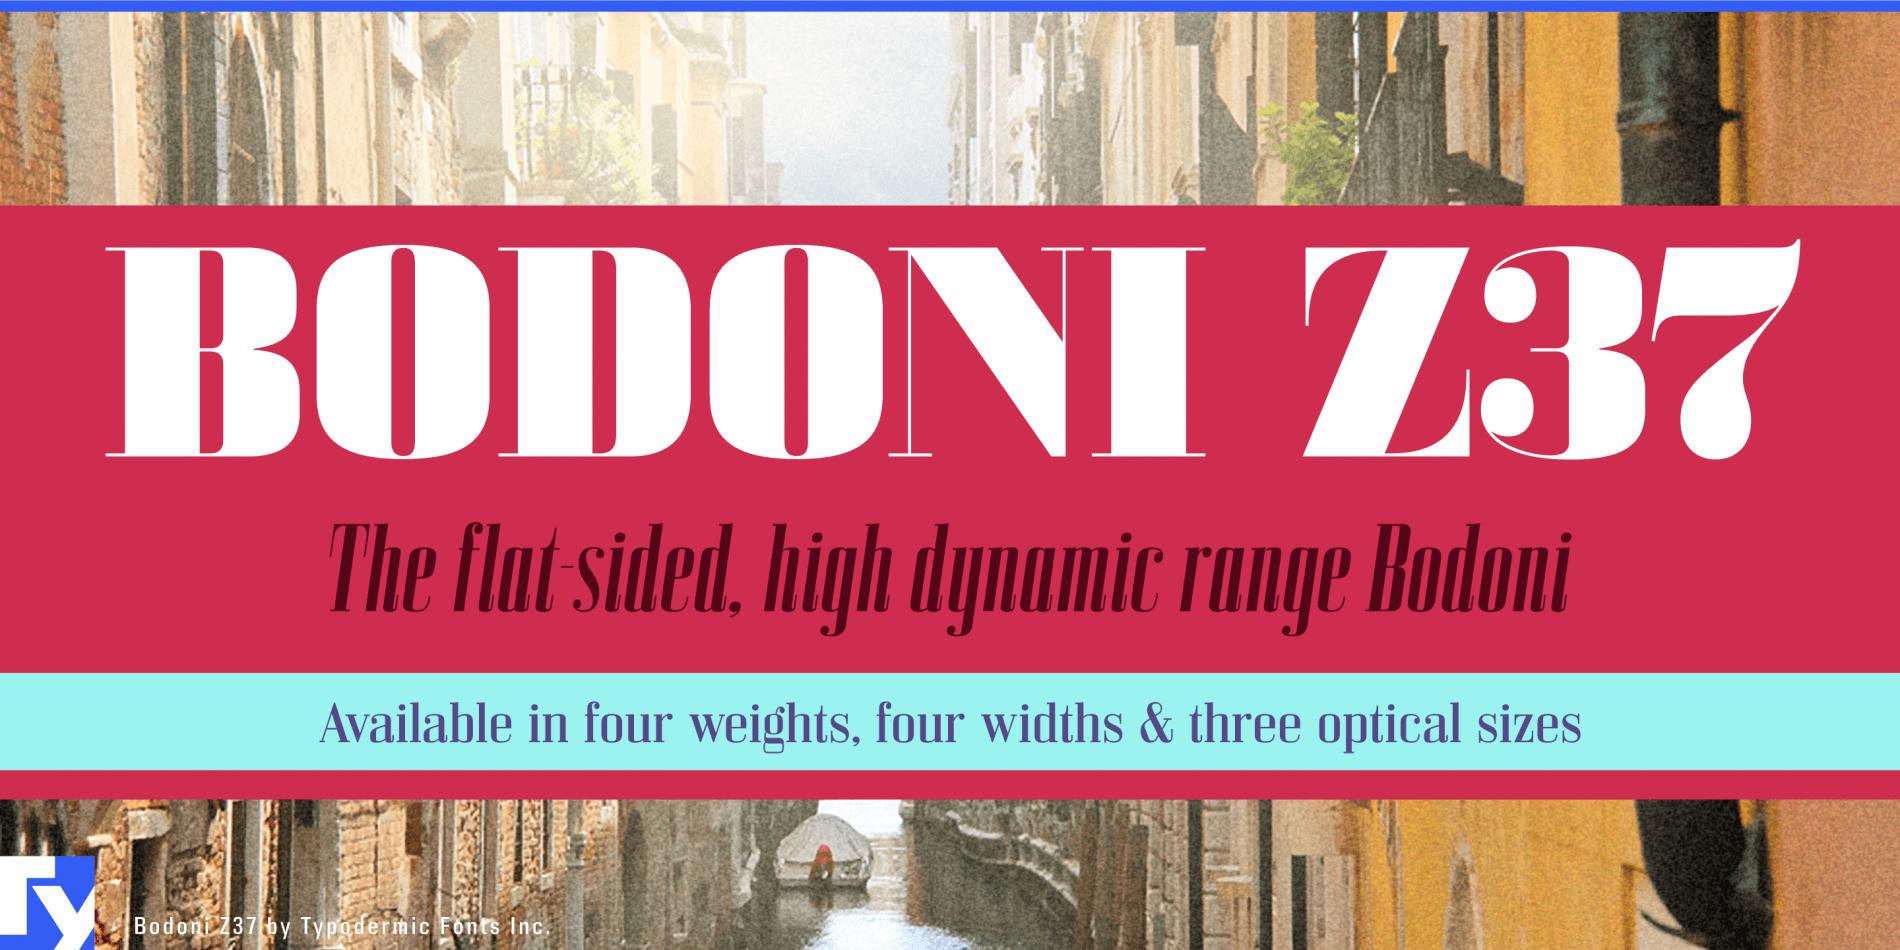 Bodoni Z37